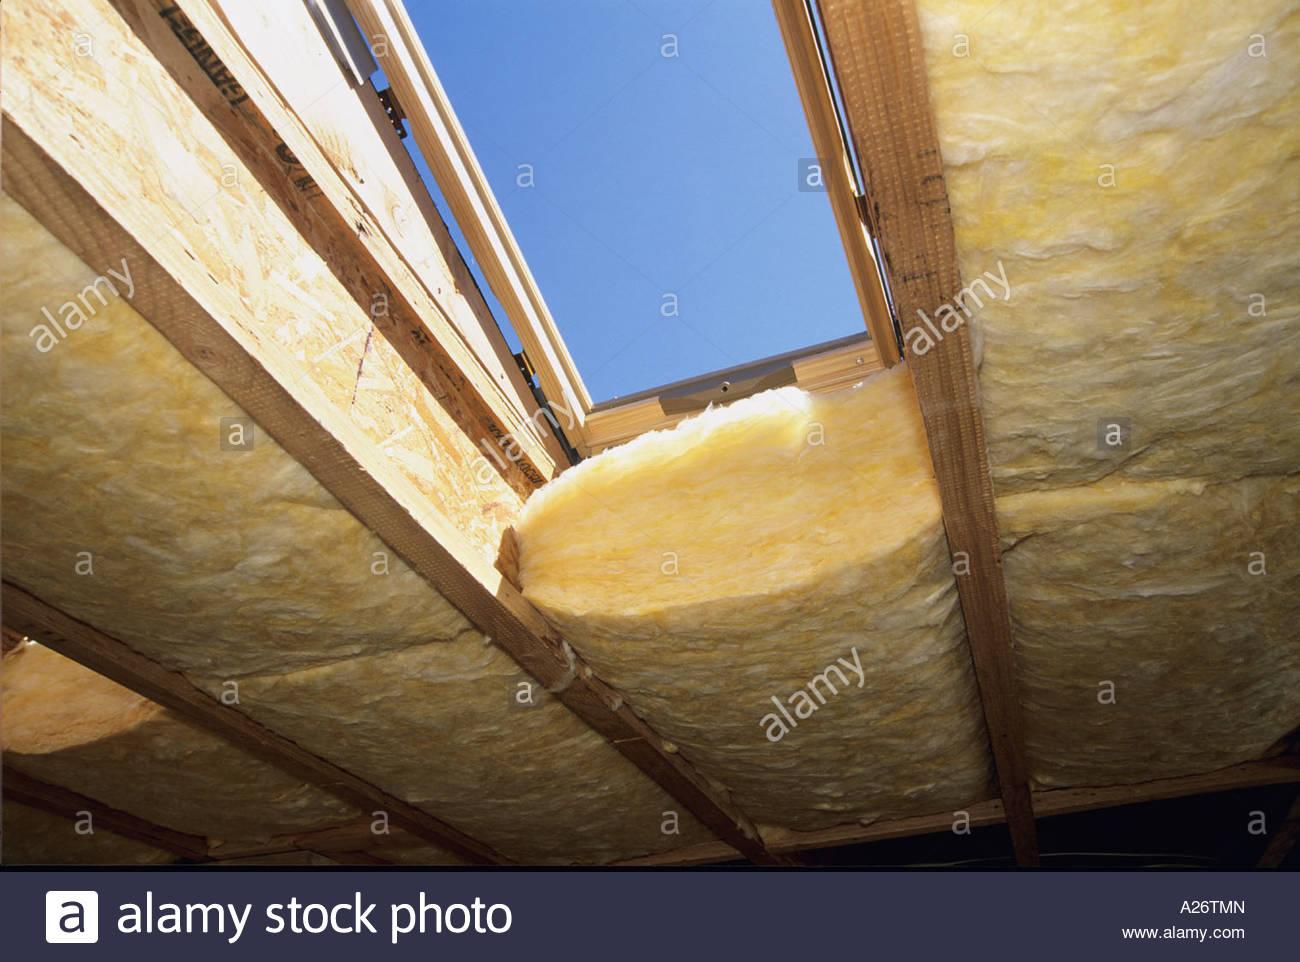 R38 techo aislante de fibra de vidrio está instalado en la nueva casa estilo loft en construcción Imagen De Stock